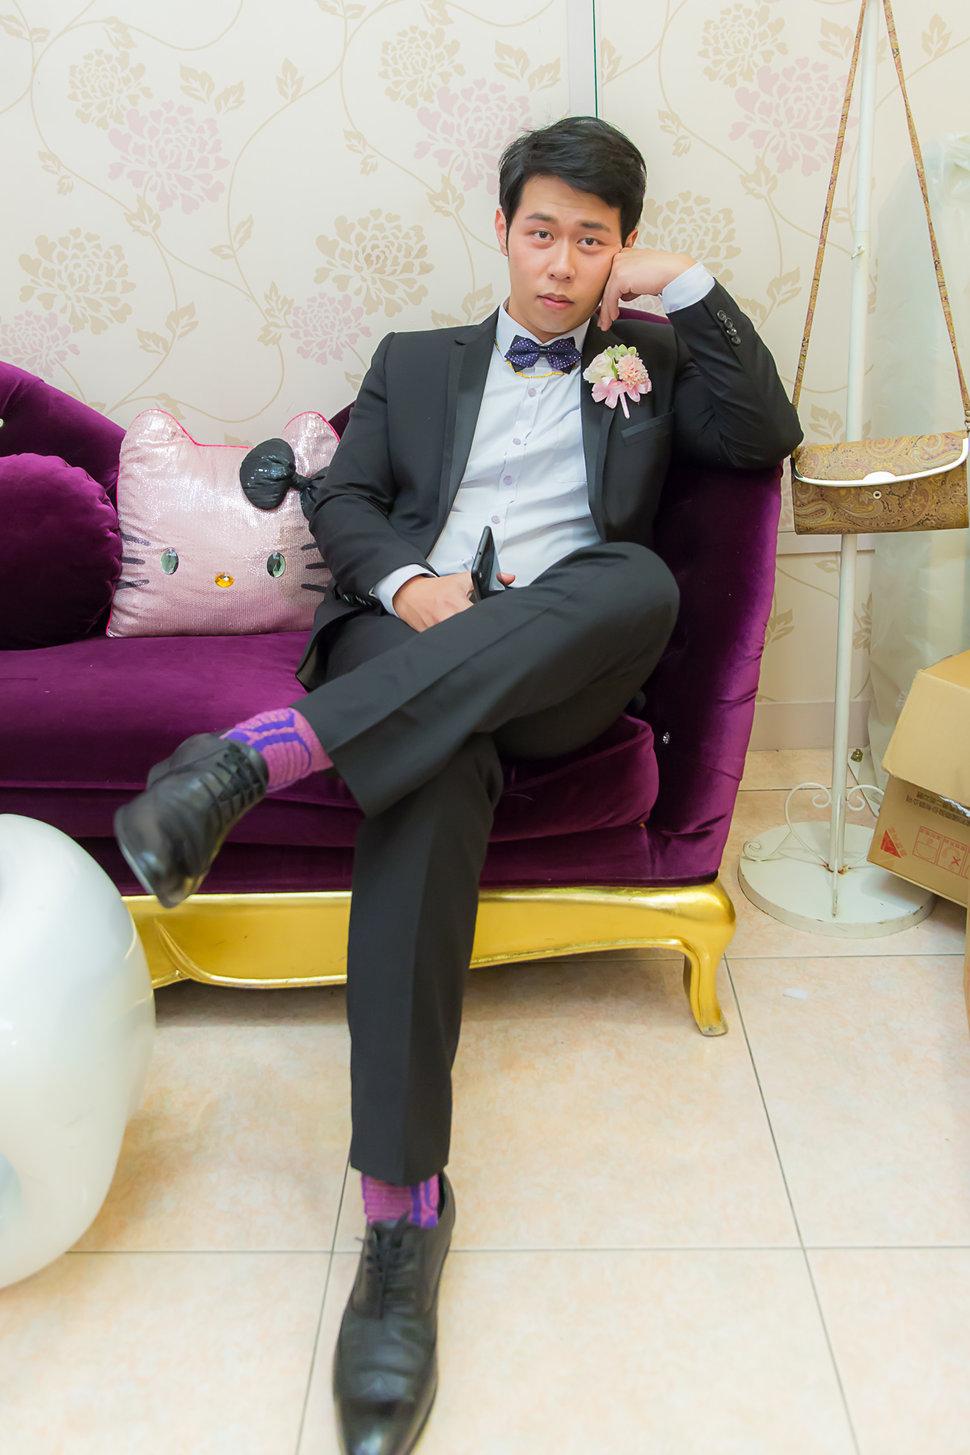 俊穎&宜君_文定迎娶_蘆洲富基婚宴會館(編號:288575) - Baby Sweety Studio - 結婚吧一站式婚禮服務平台